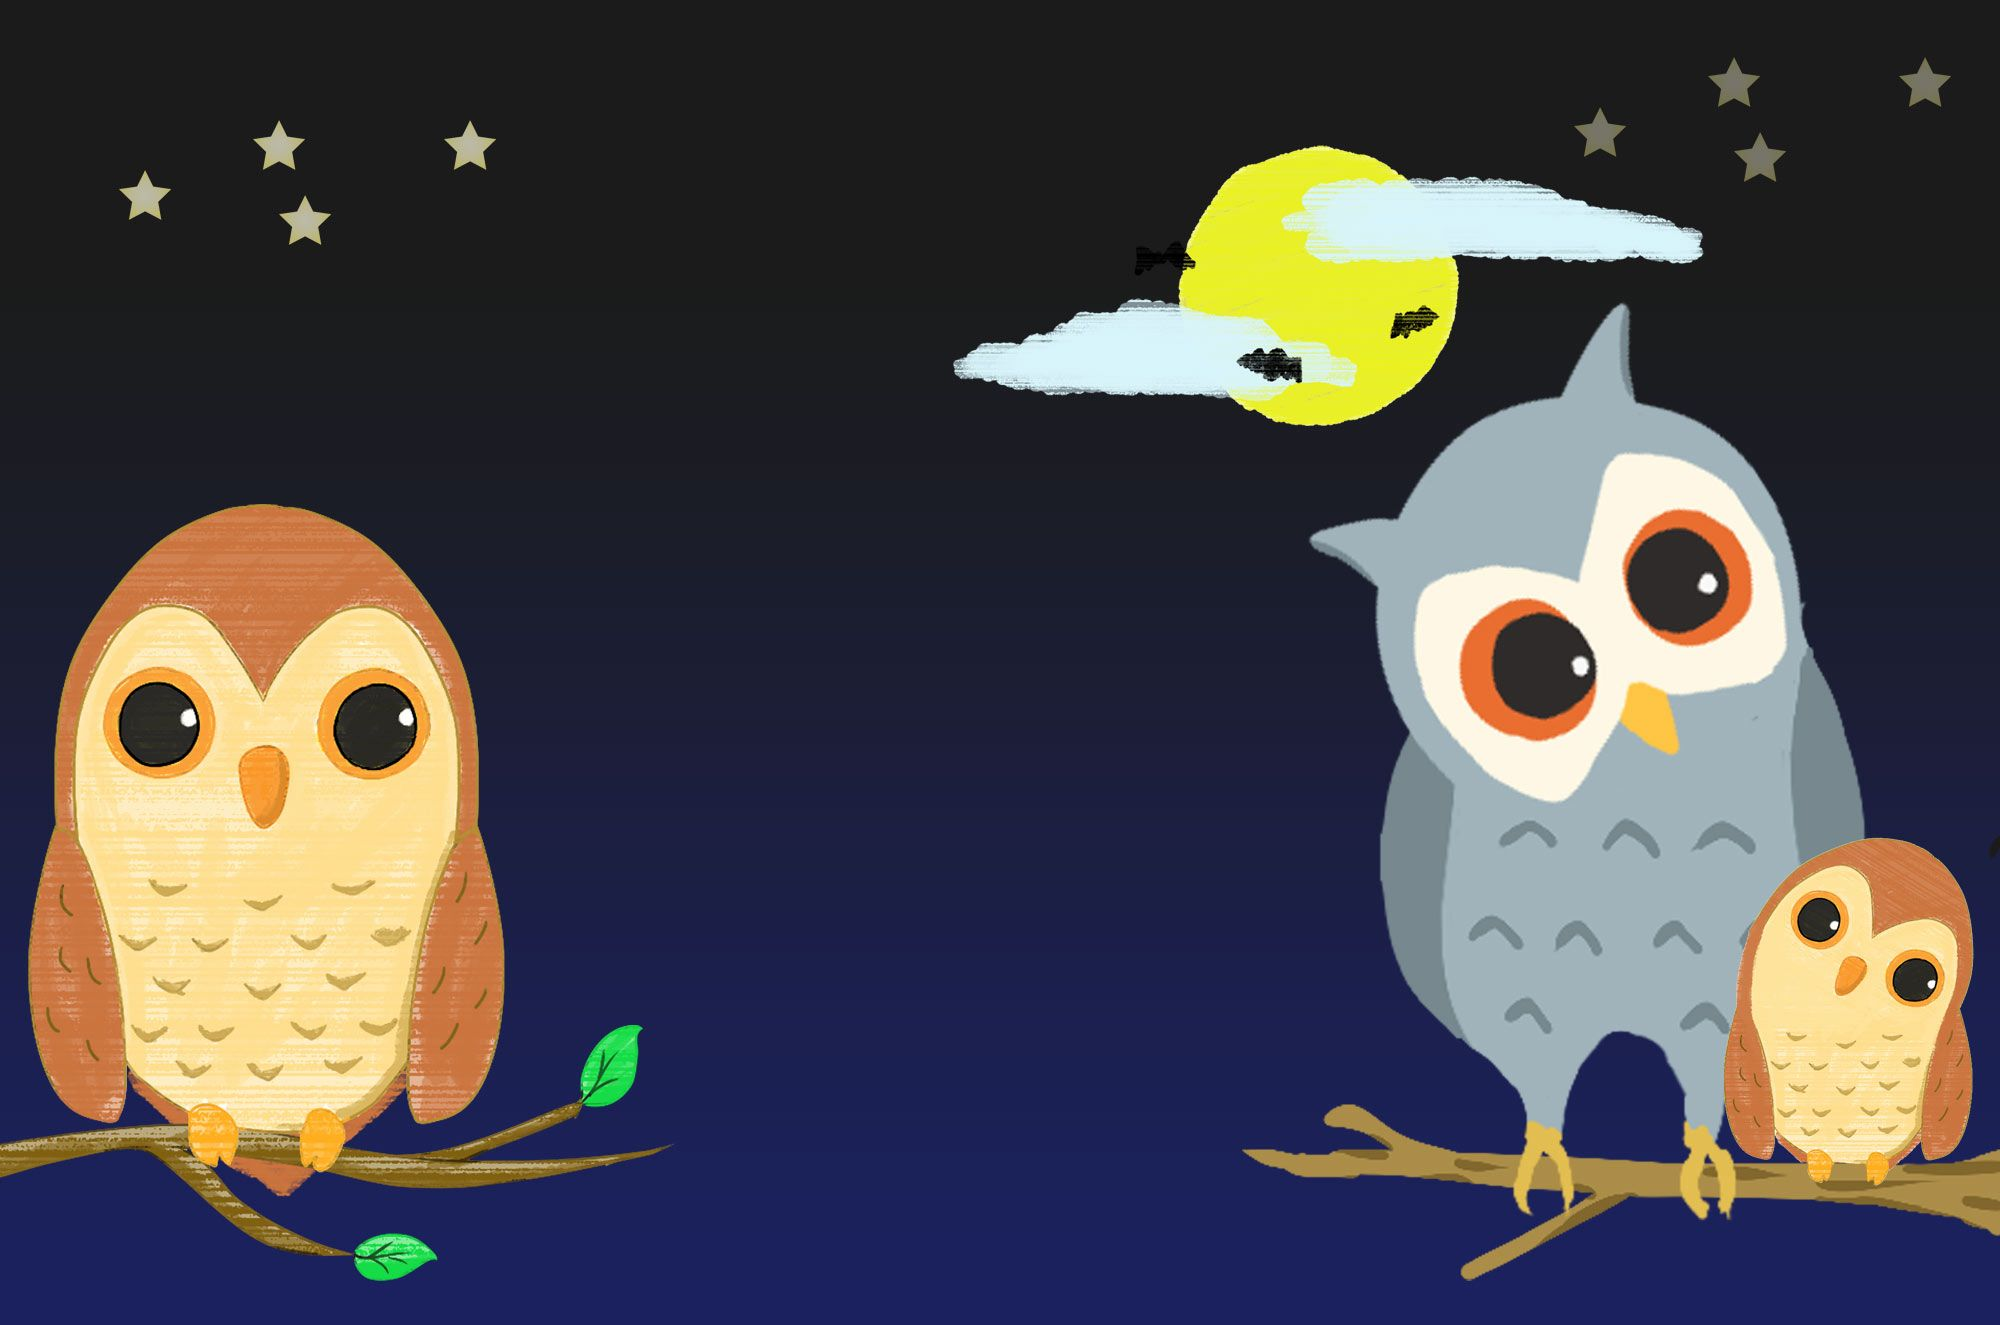 フクロウのイラスト無料素材集夜に樹の枝にとまる可愛いフクロウを